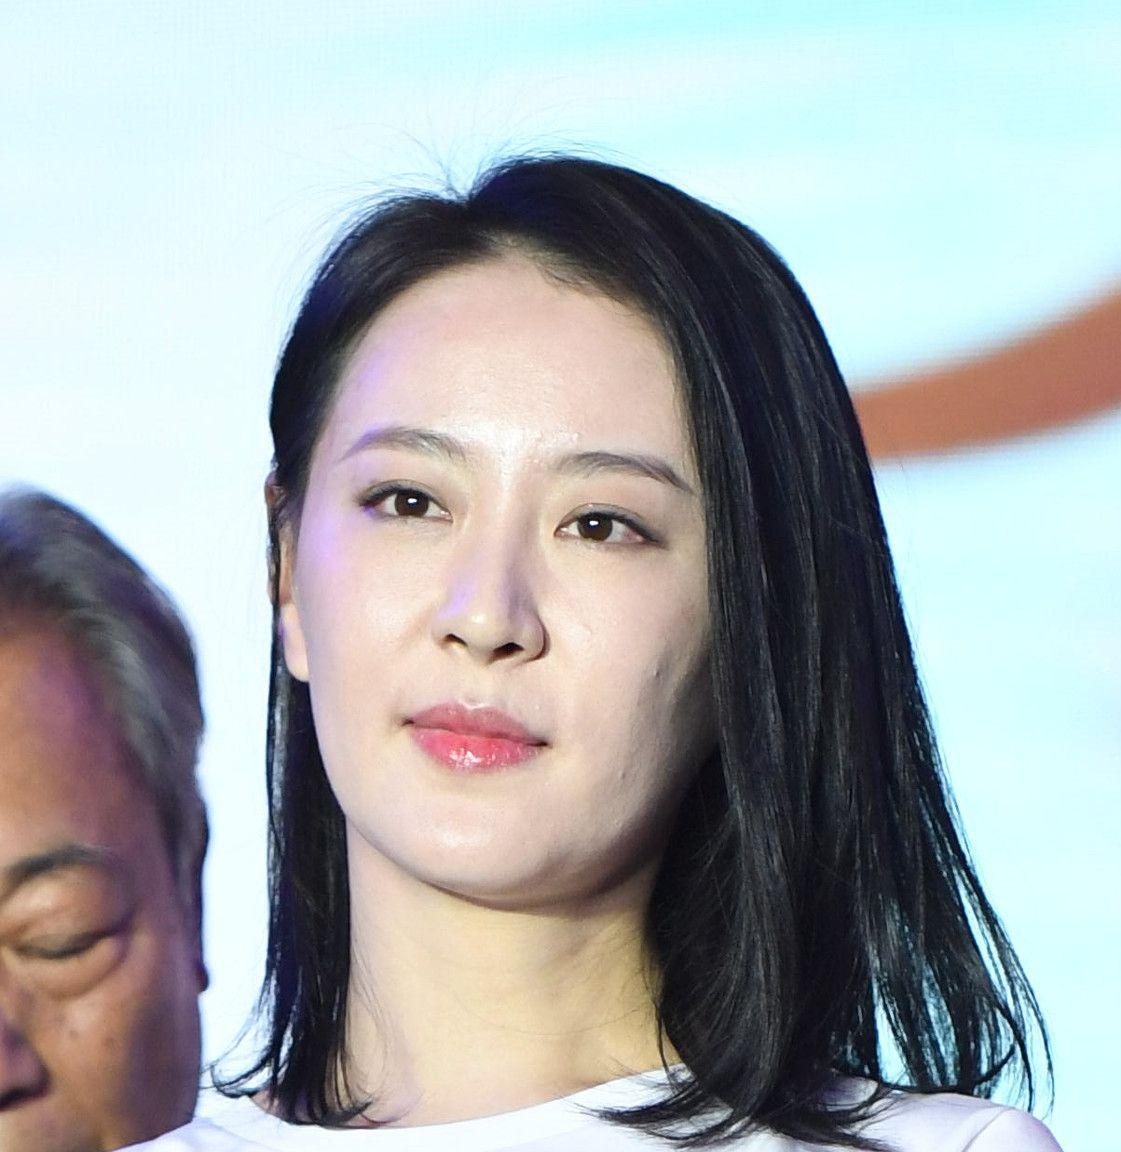 《伪装者》火了刘敏涛、宋轶、王鸥,而女一却被遗忘